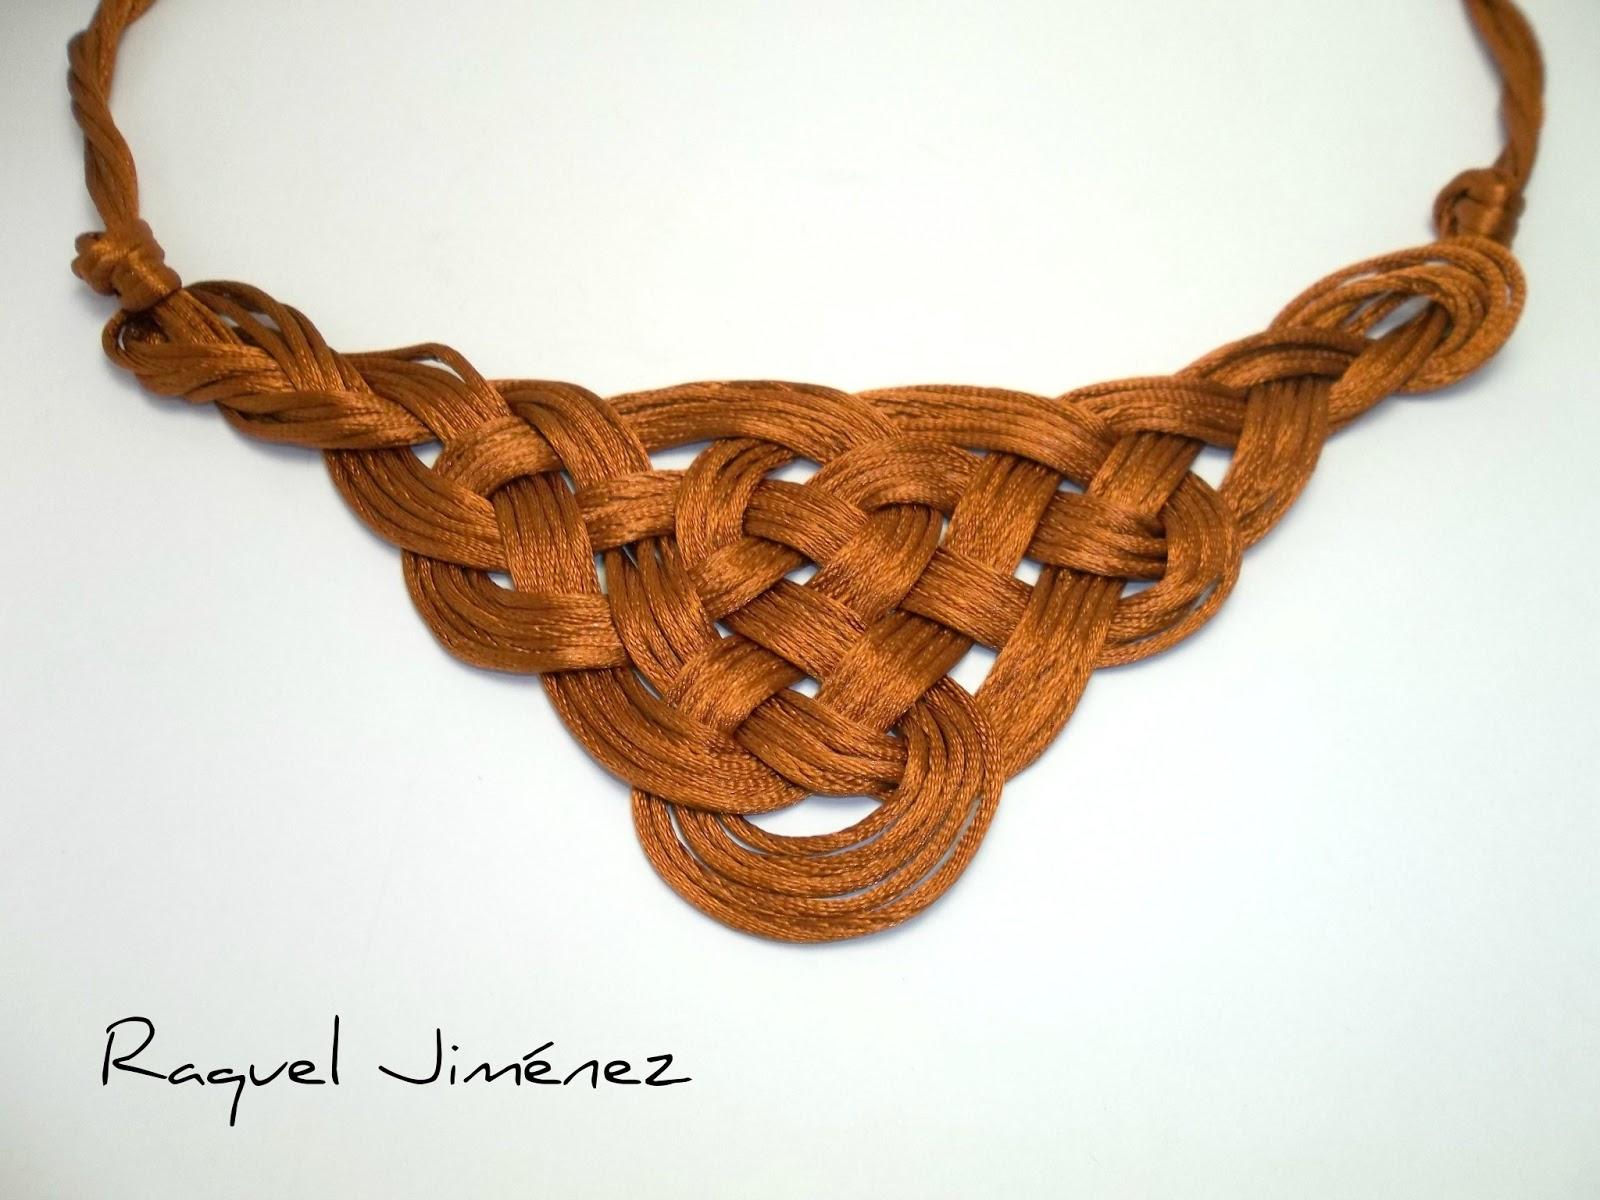 Nudos para collares de cola de raton